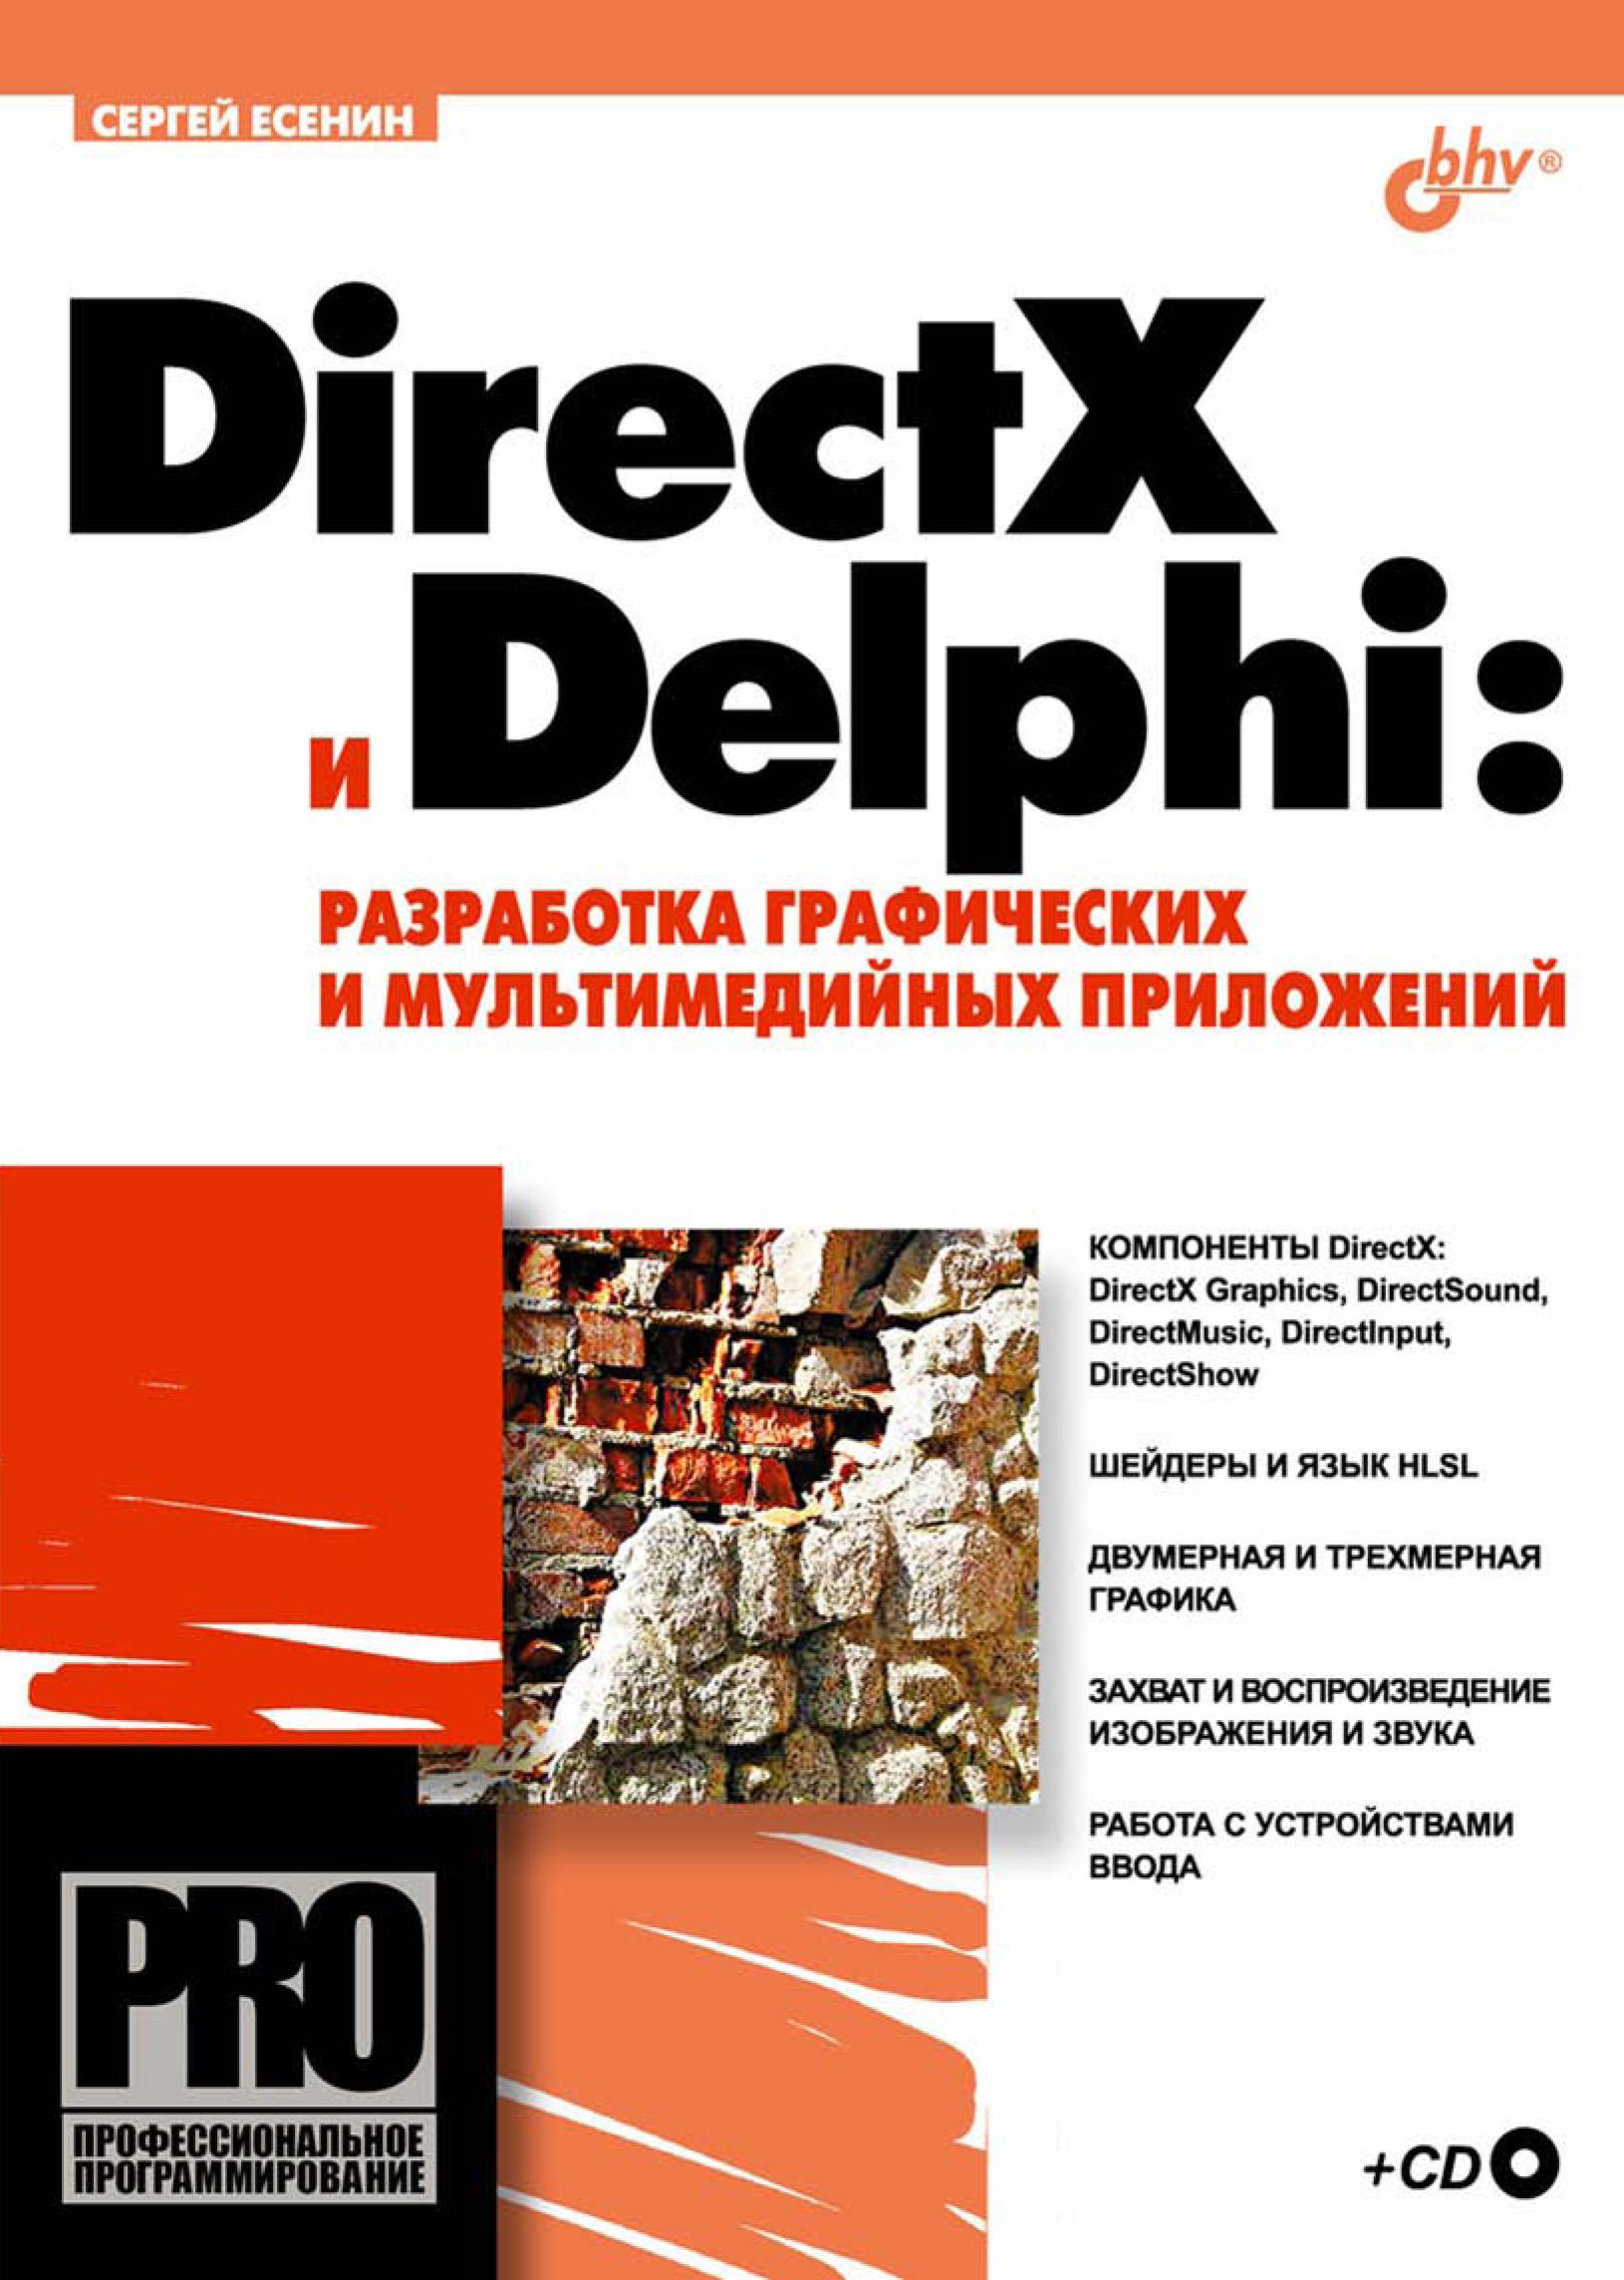 Сергей Есенин DirectX и Delphi: разработка графических и мультимедийных приложений